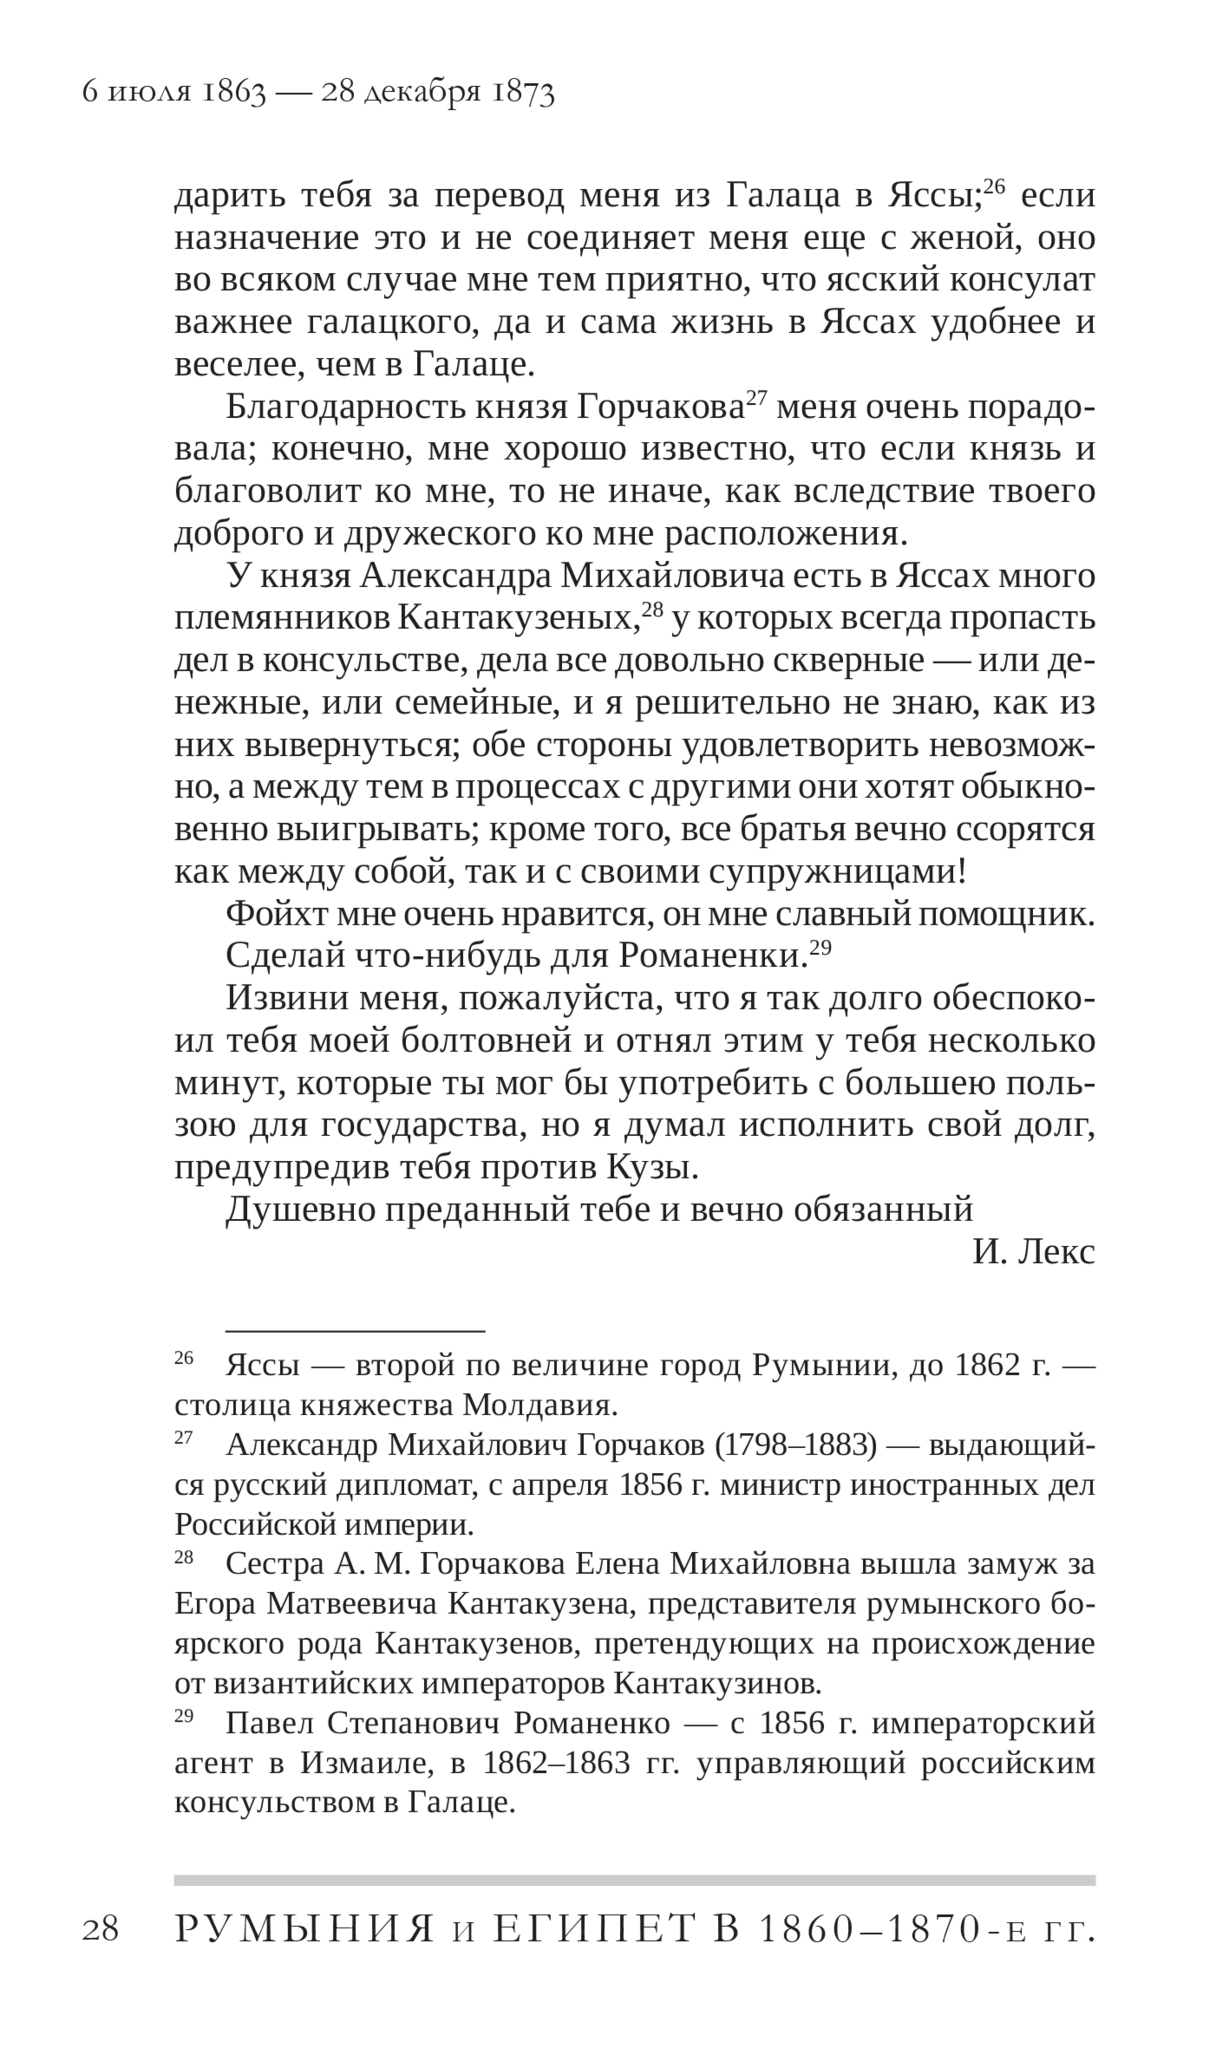 Румыния и Египет в 1860–1870-е гг. Письма российского дипломата И. М. Лекса к Н. П. Игнатьеву.Копировать товар с. 10